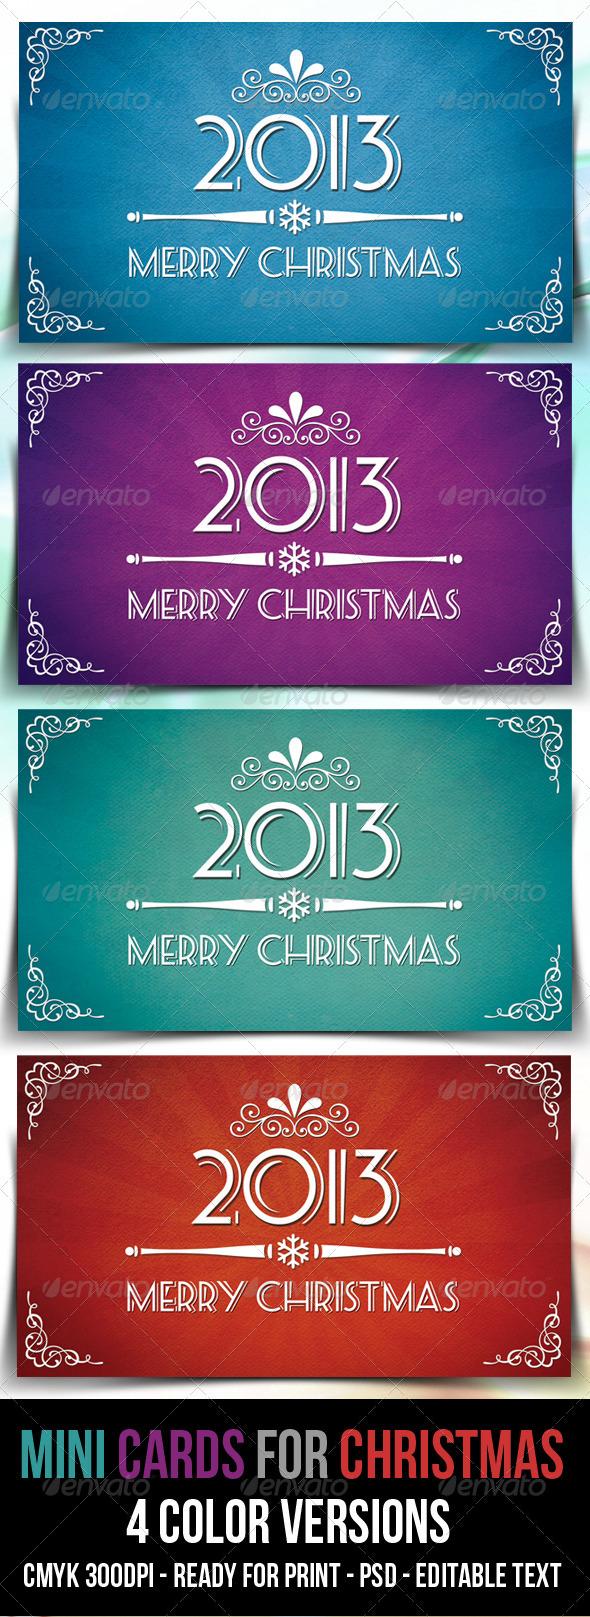 GraphicRiver Retro Mini Cards for Christmas 3663631